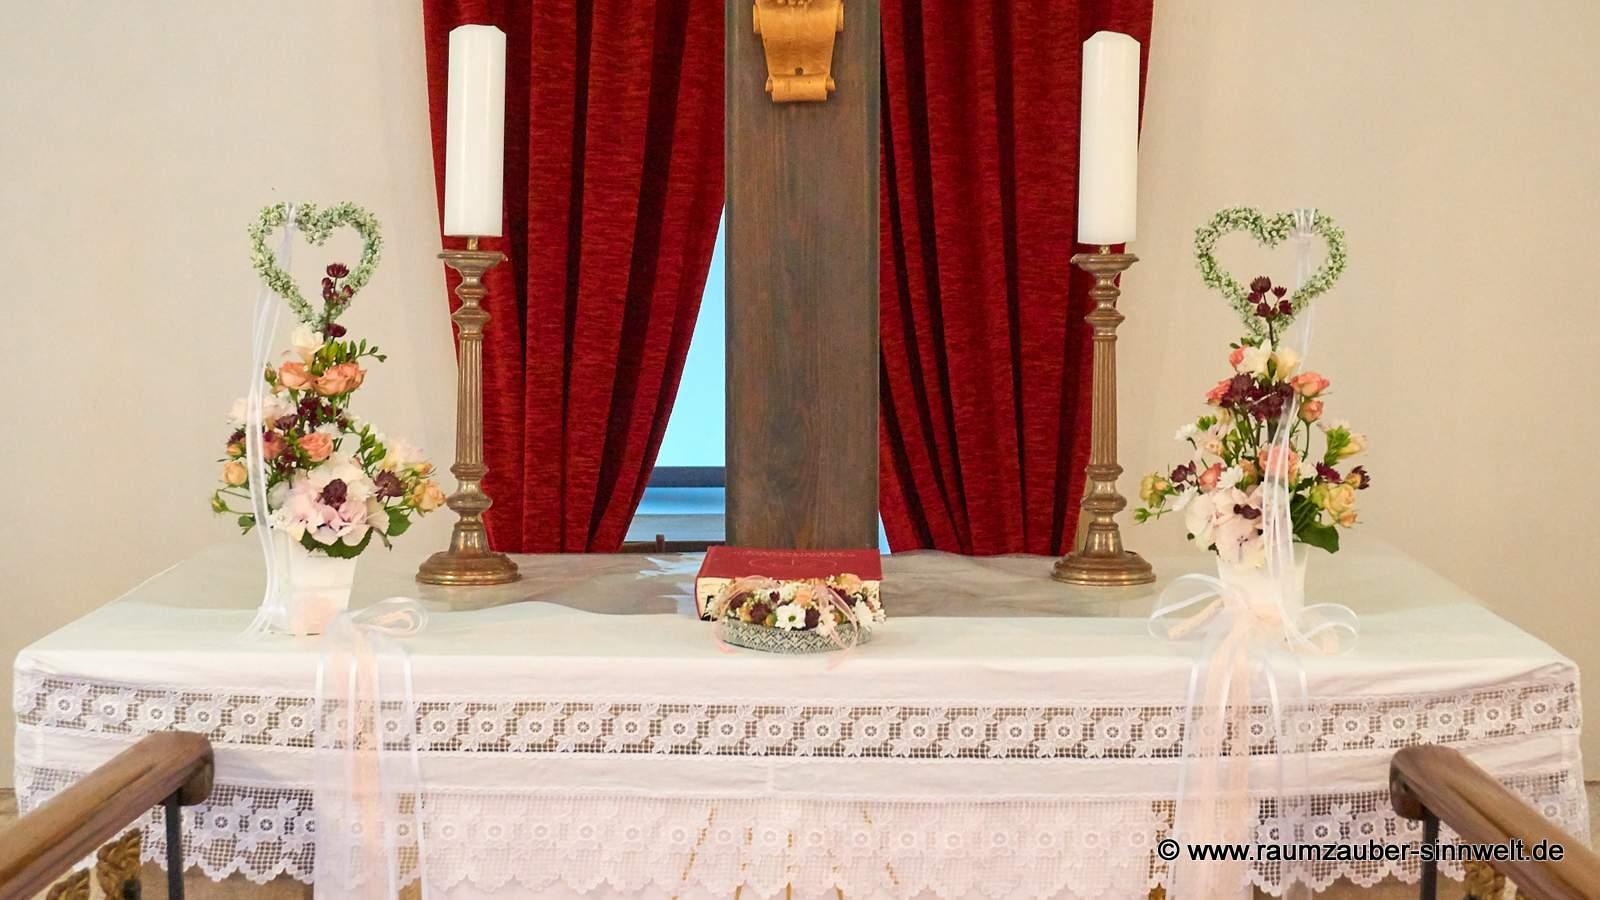 Altarschmuck aus Rosen, Hortensie, Santini und Astrantien